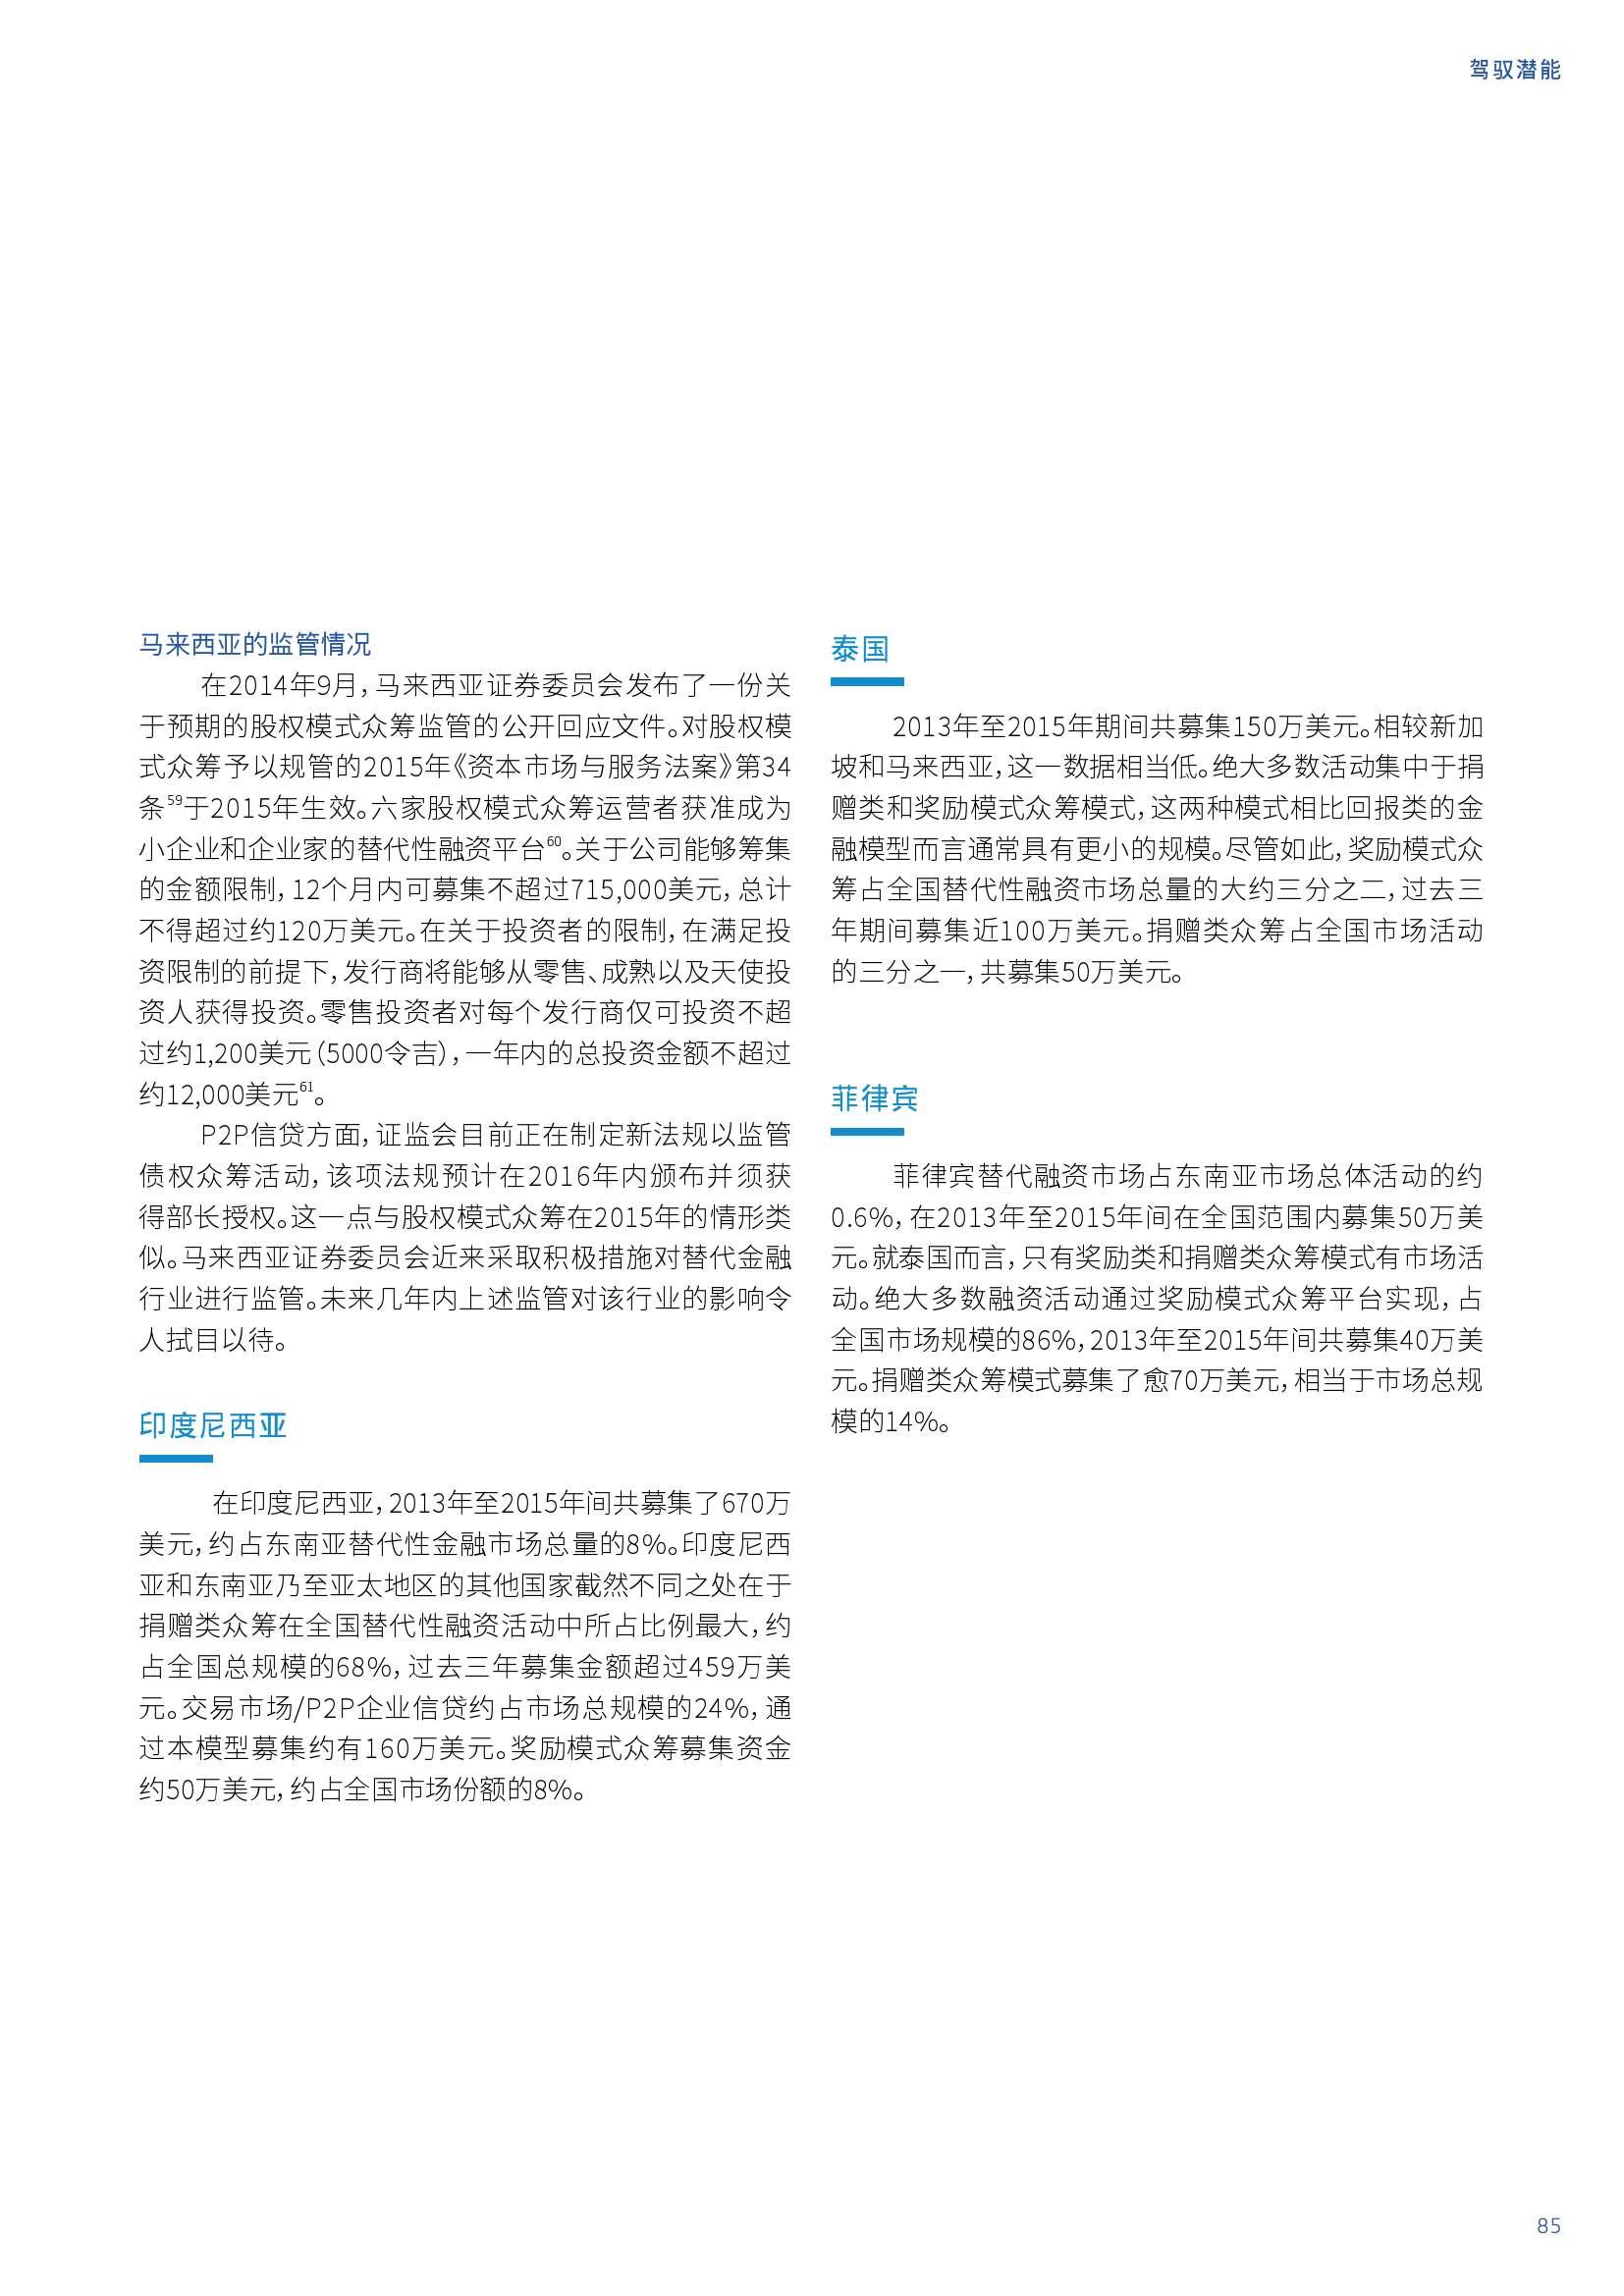 亚太地区网络替代金融基准报告_000085